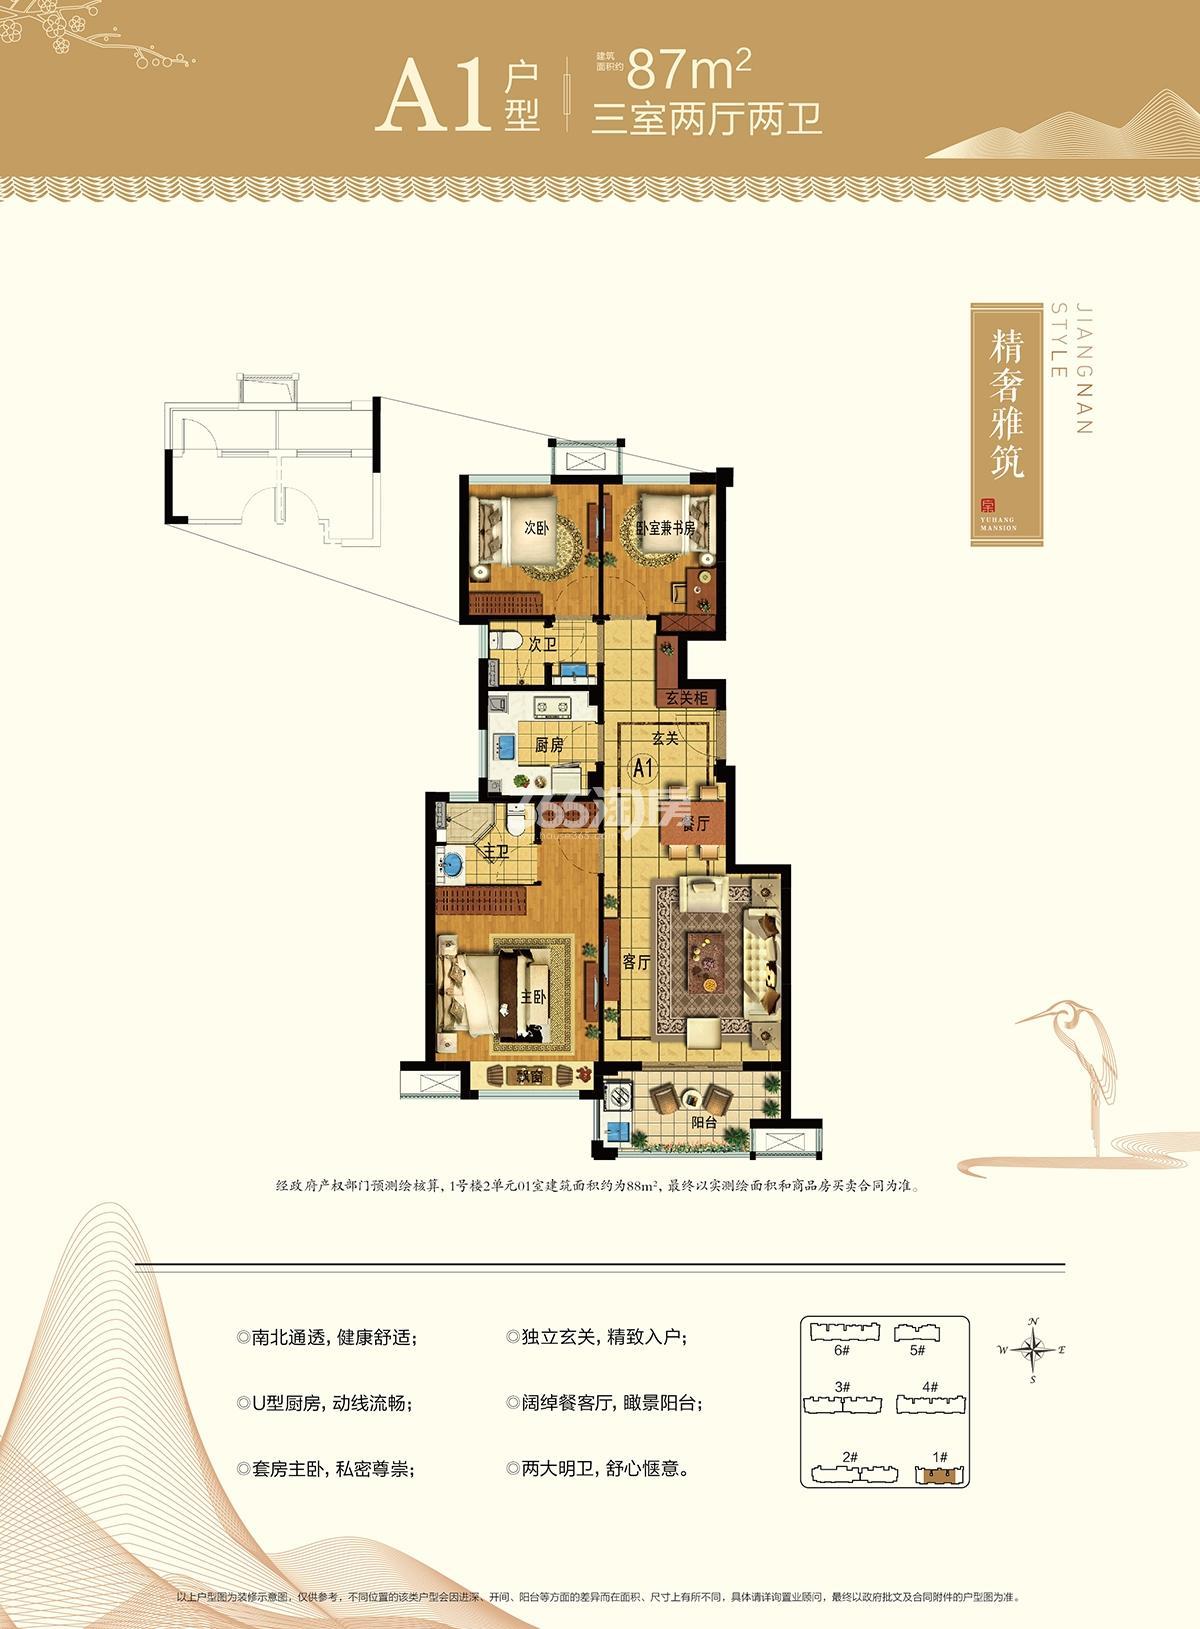 西房余杭公馆1号楼A1户型87方